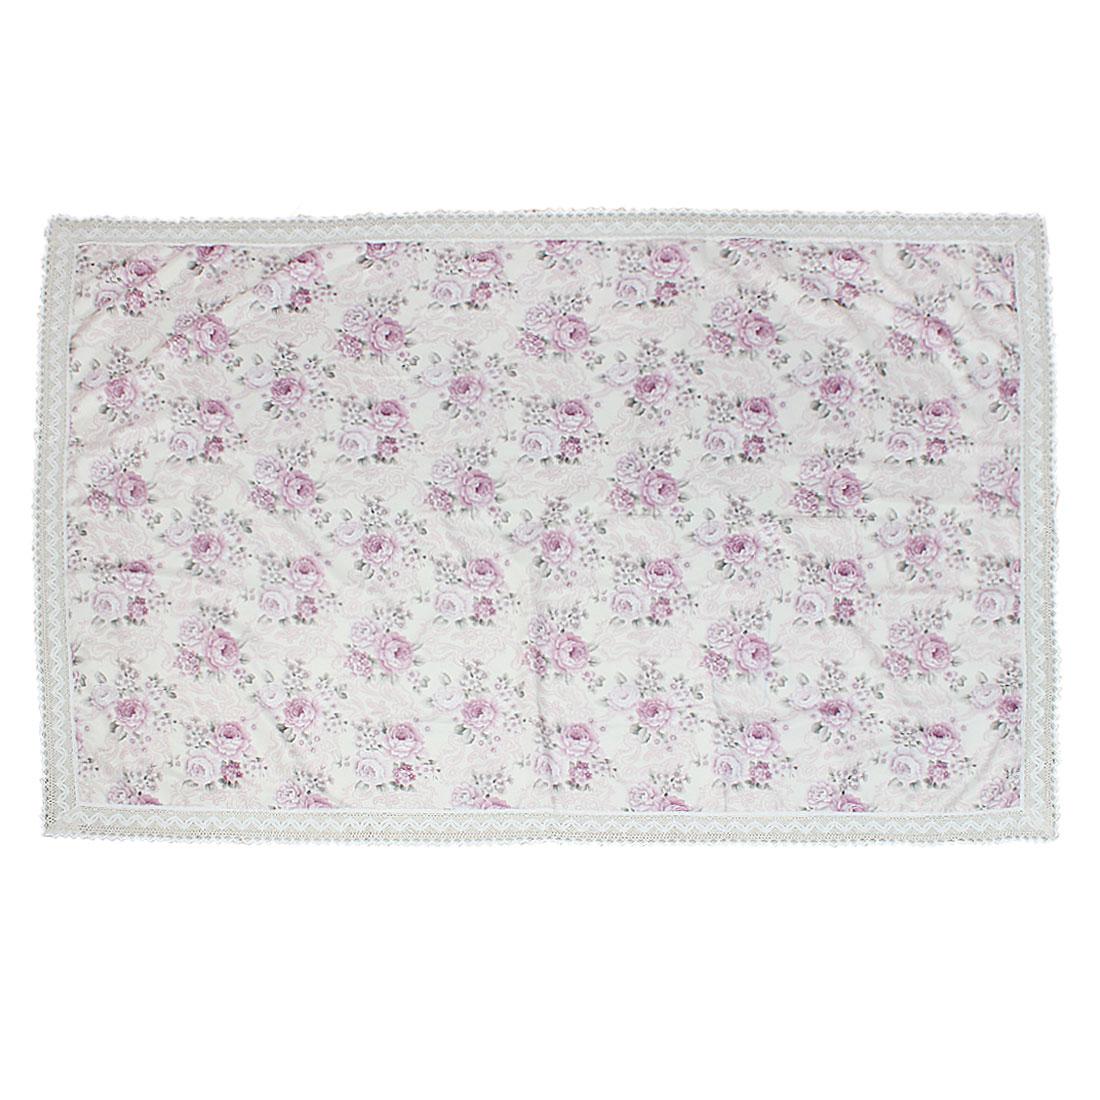 130cm x 180cm European Style Floral Print Rectangle Lace Tablecloth Light Purple